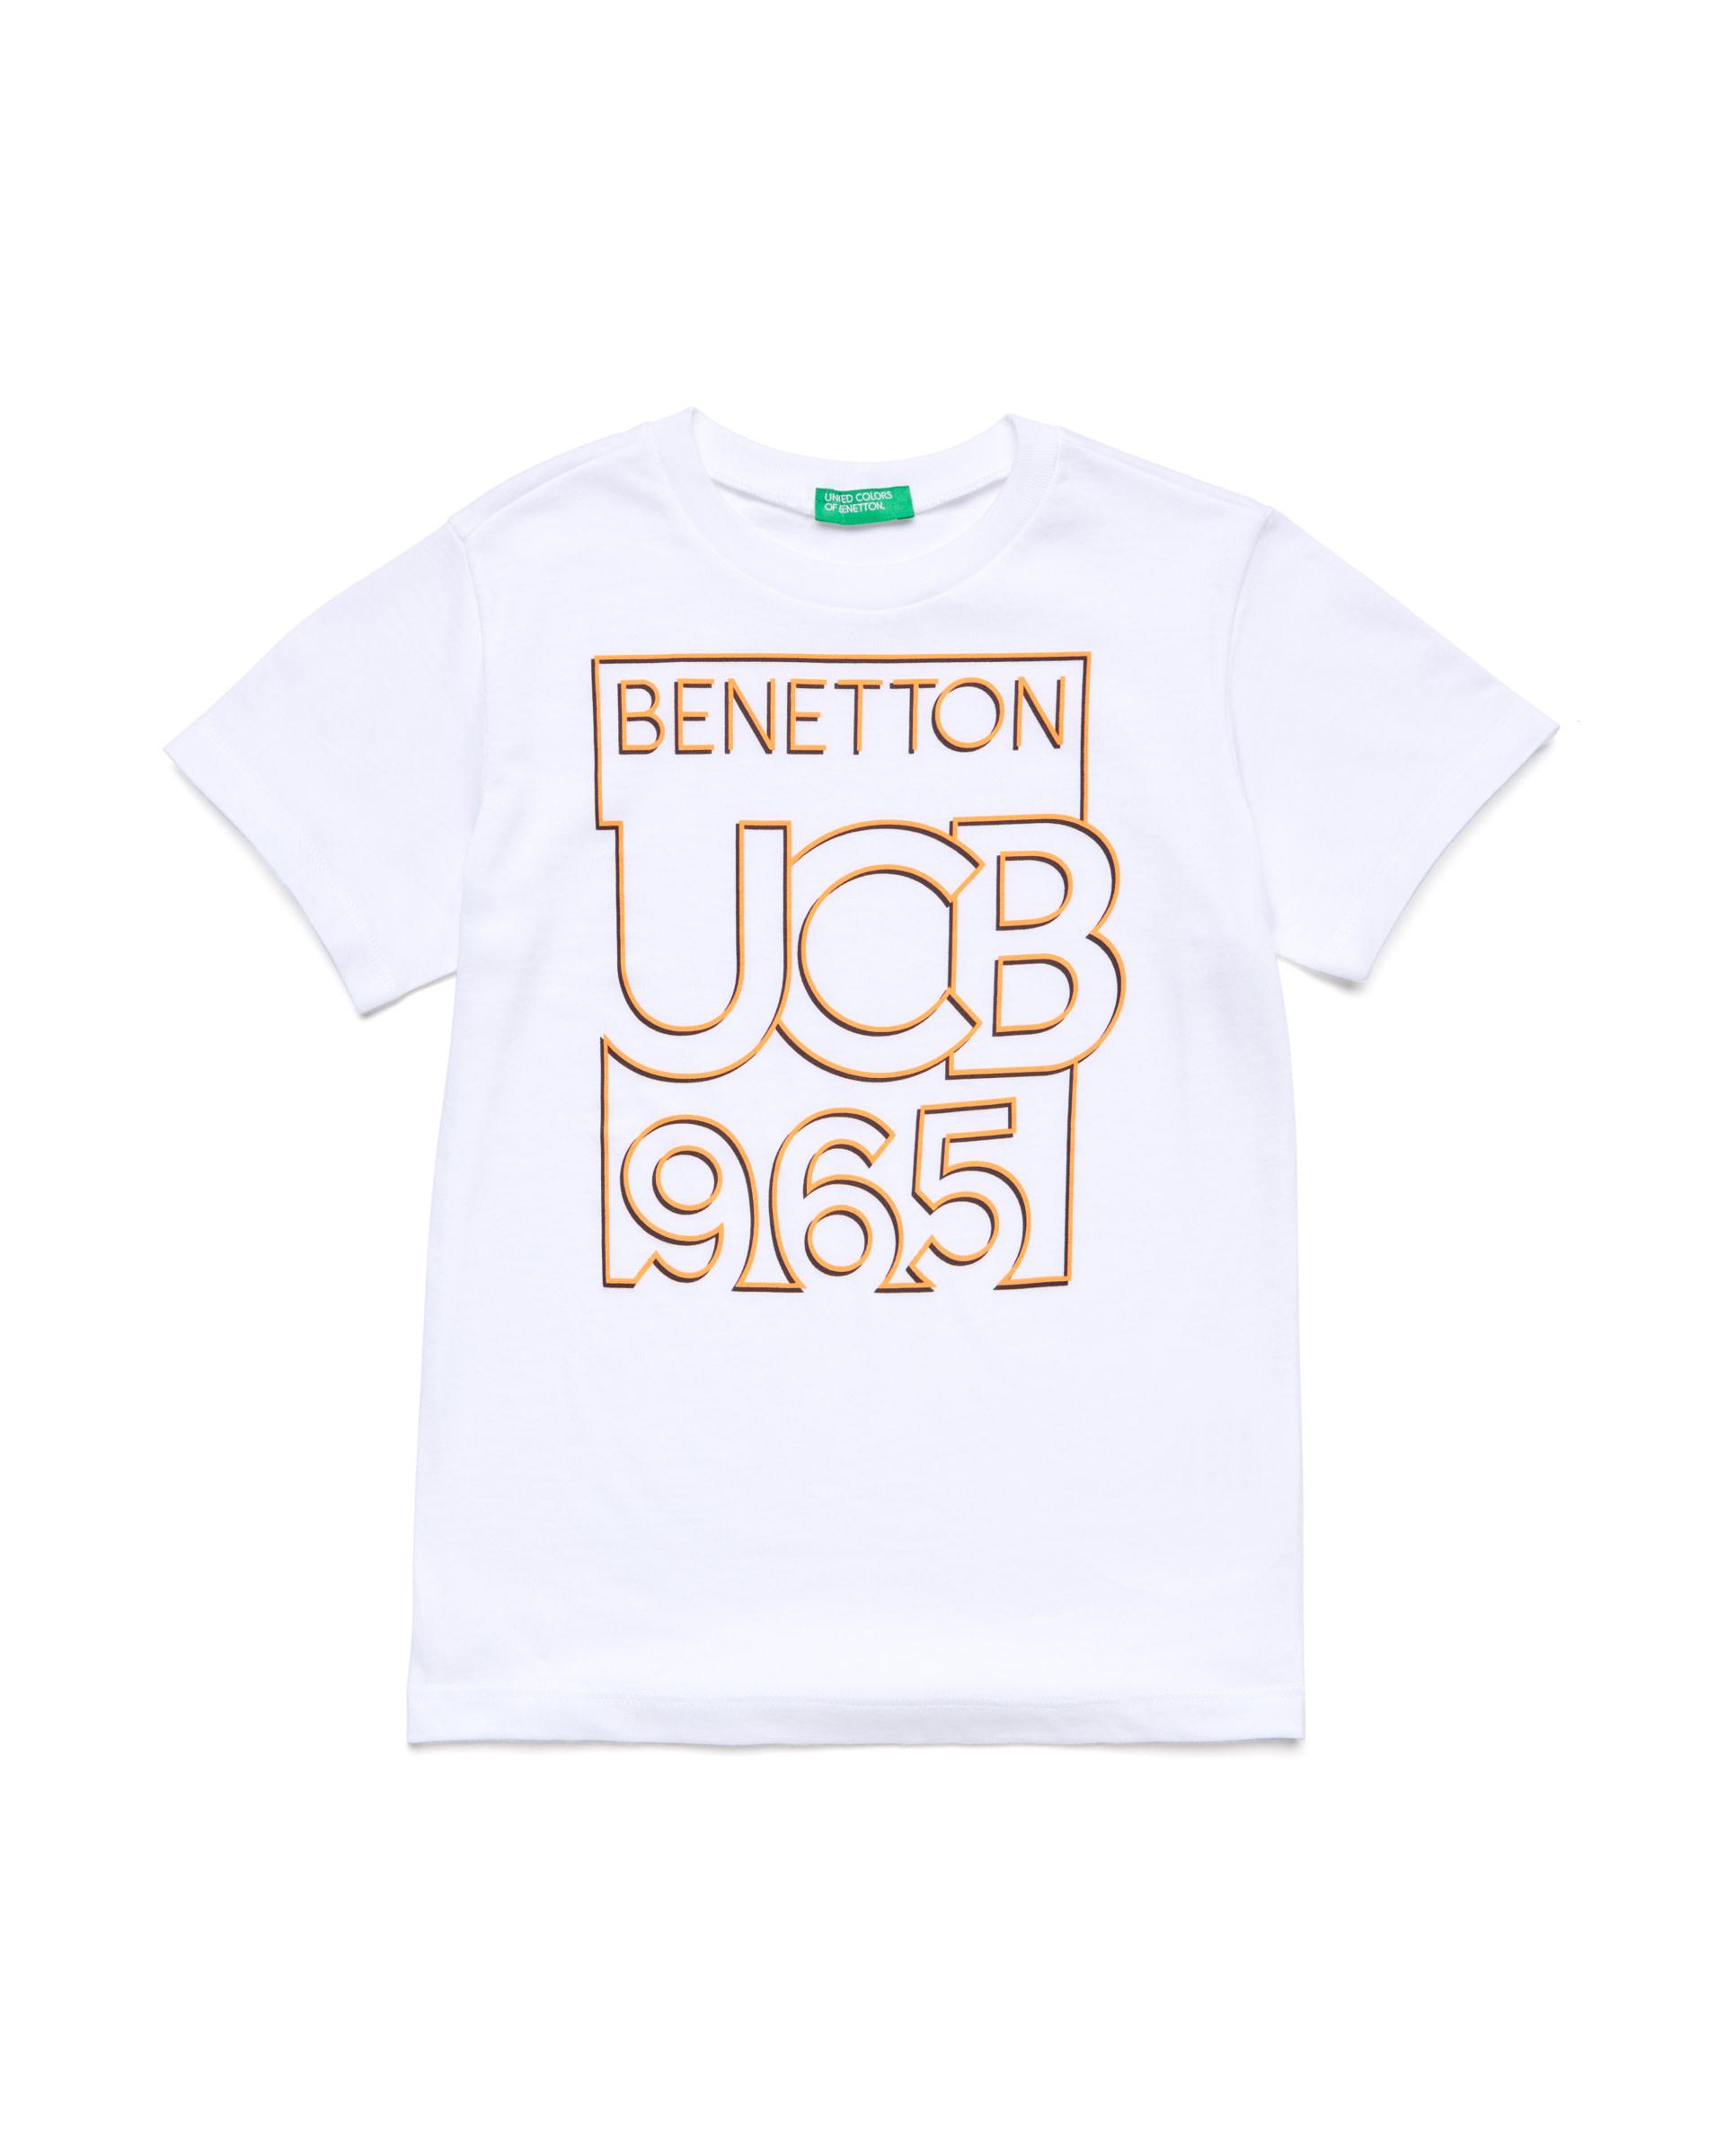 Купить 20P_3096C14PI_101, Футболка для мальчиков Benetton 3096C14PI_101 р-р 140, United Colors of Benetton, Футболки для мальчиков